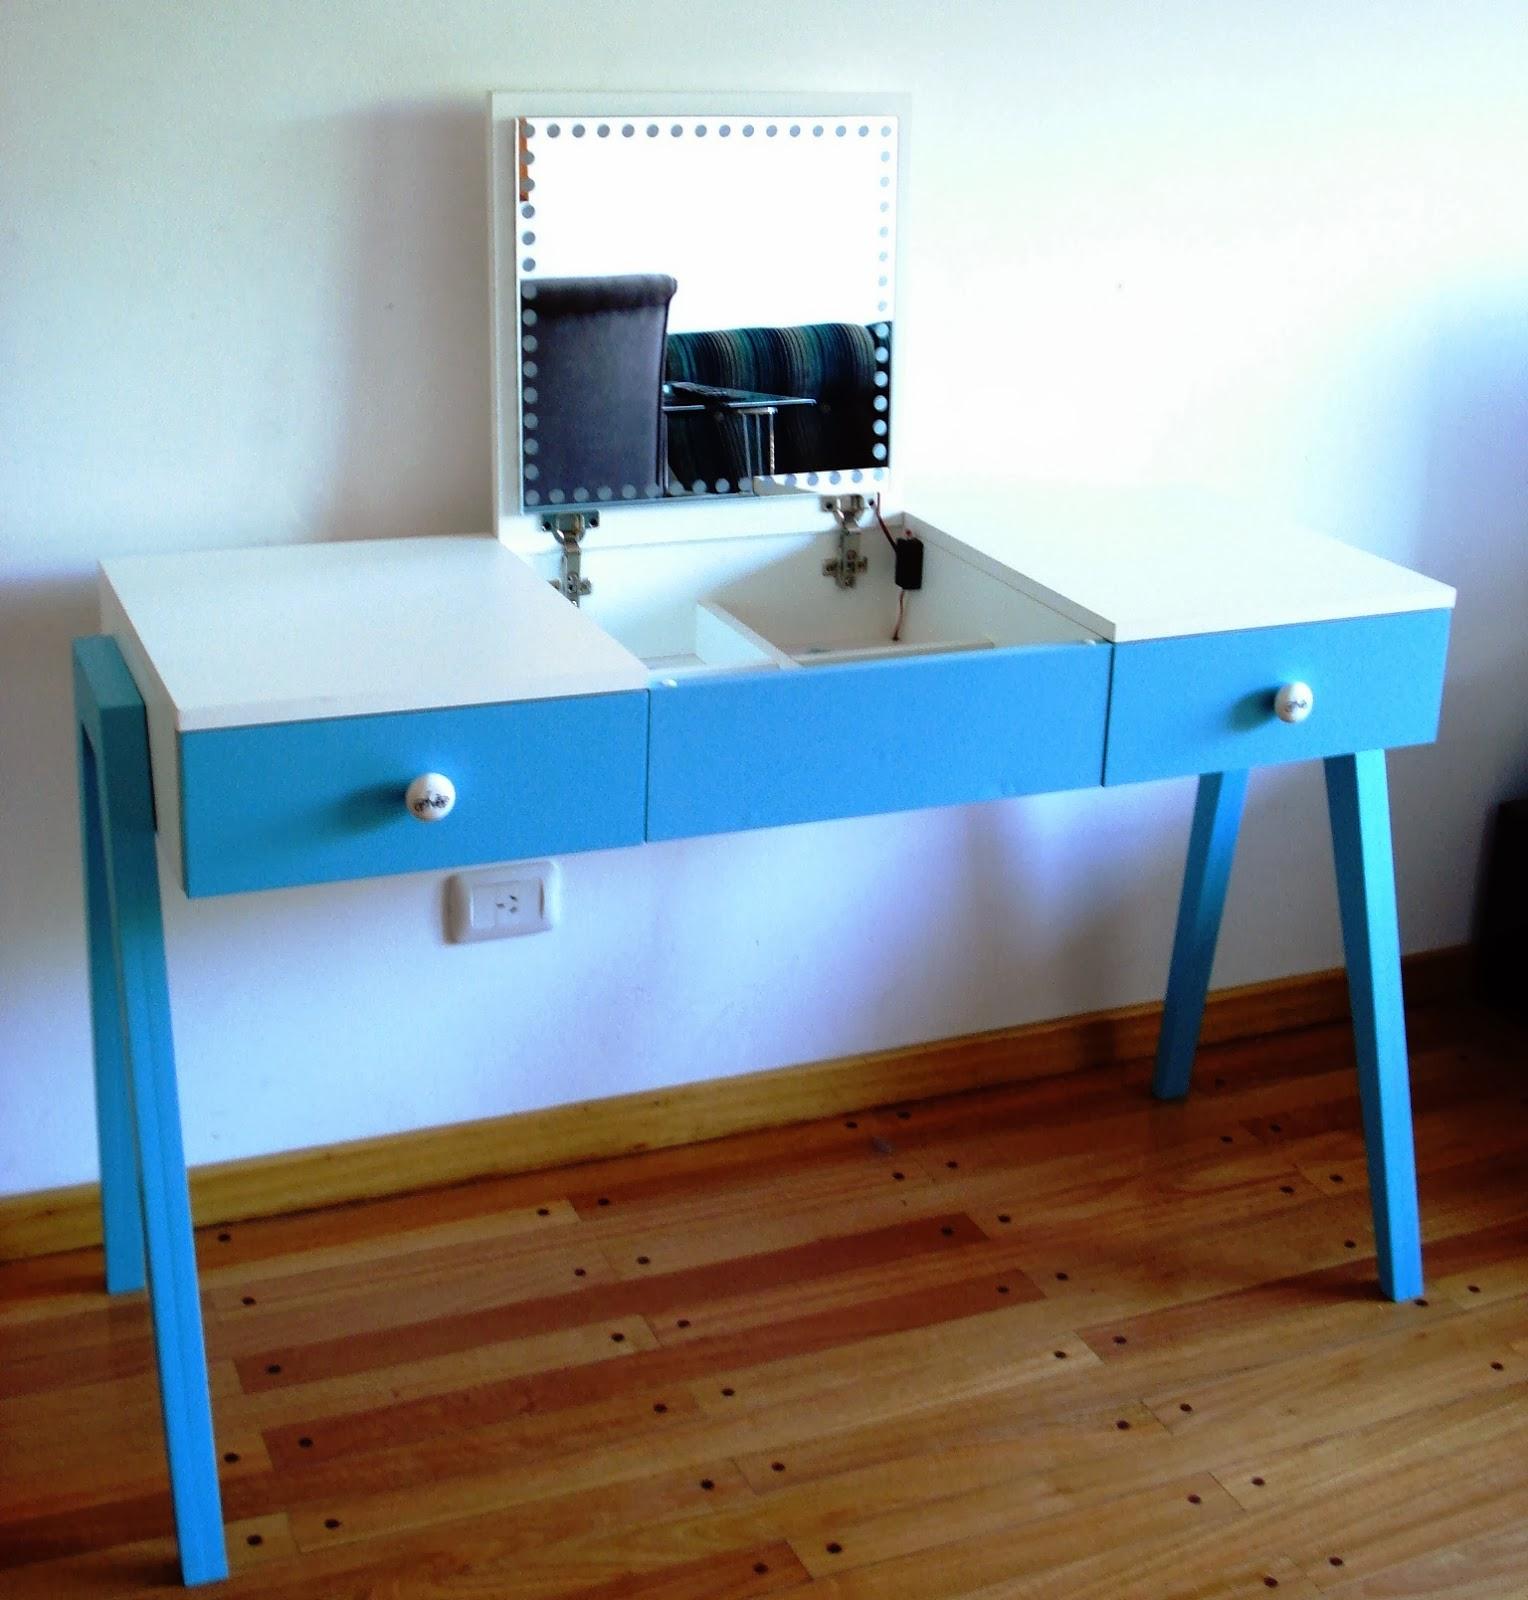 Chochiloca reciclado de muebles mueble retro dise ado for Reciclado de muebles